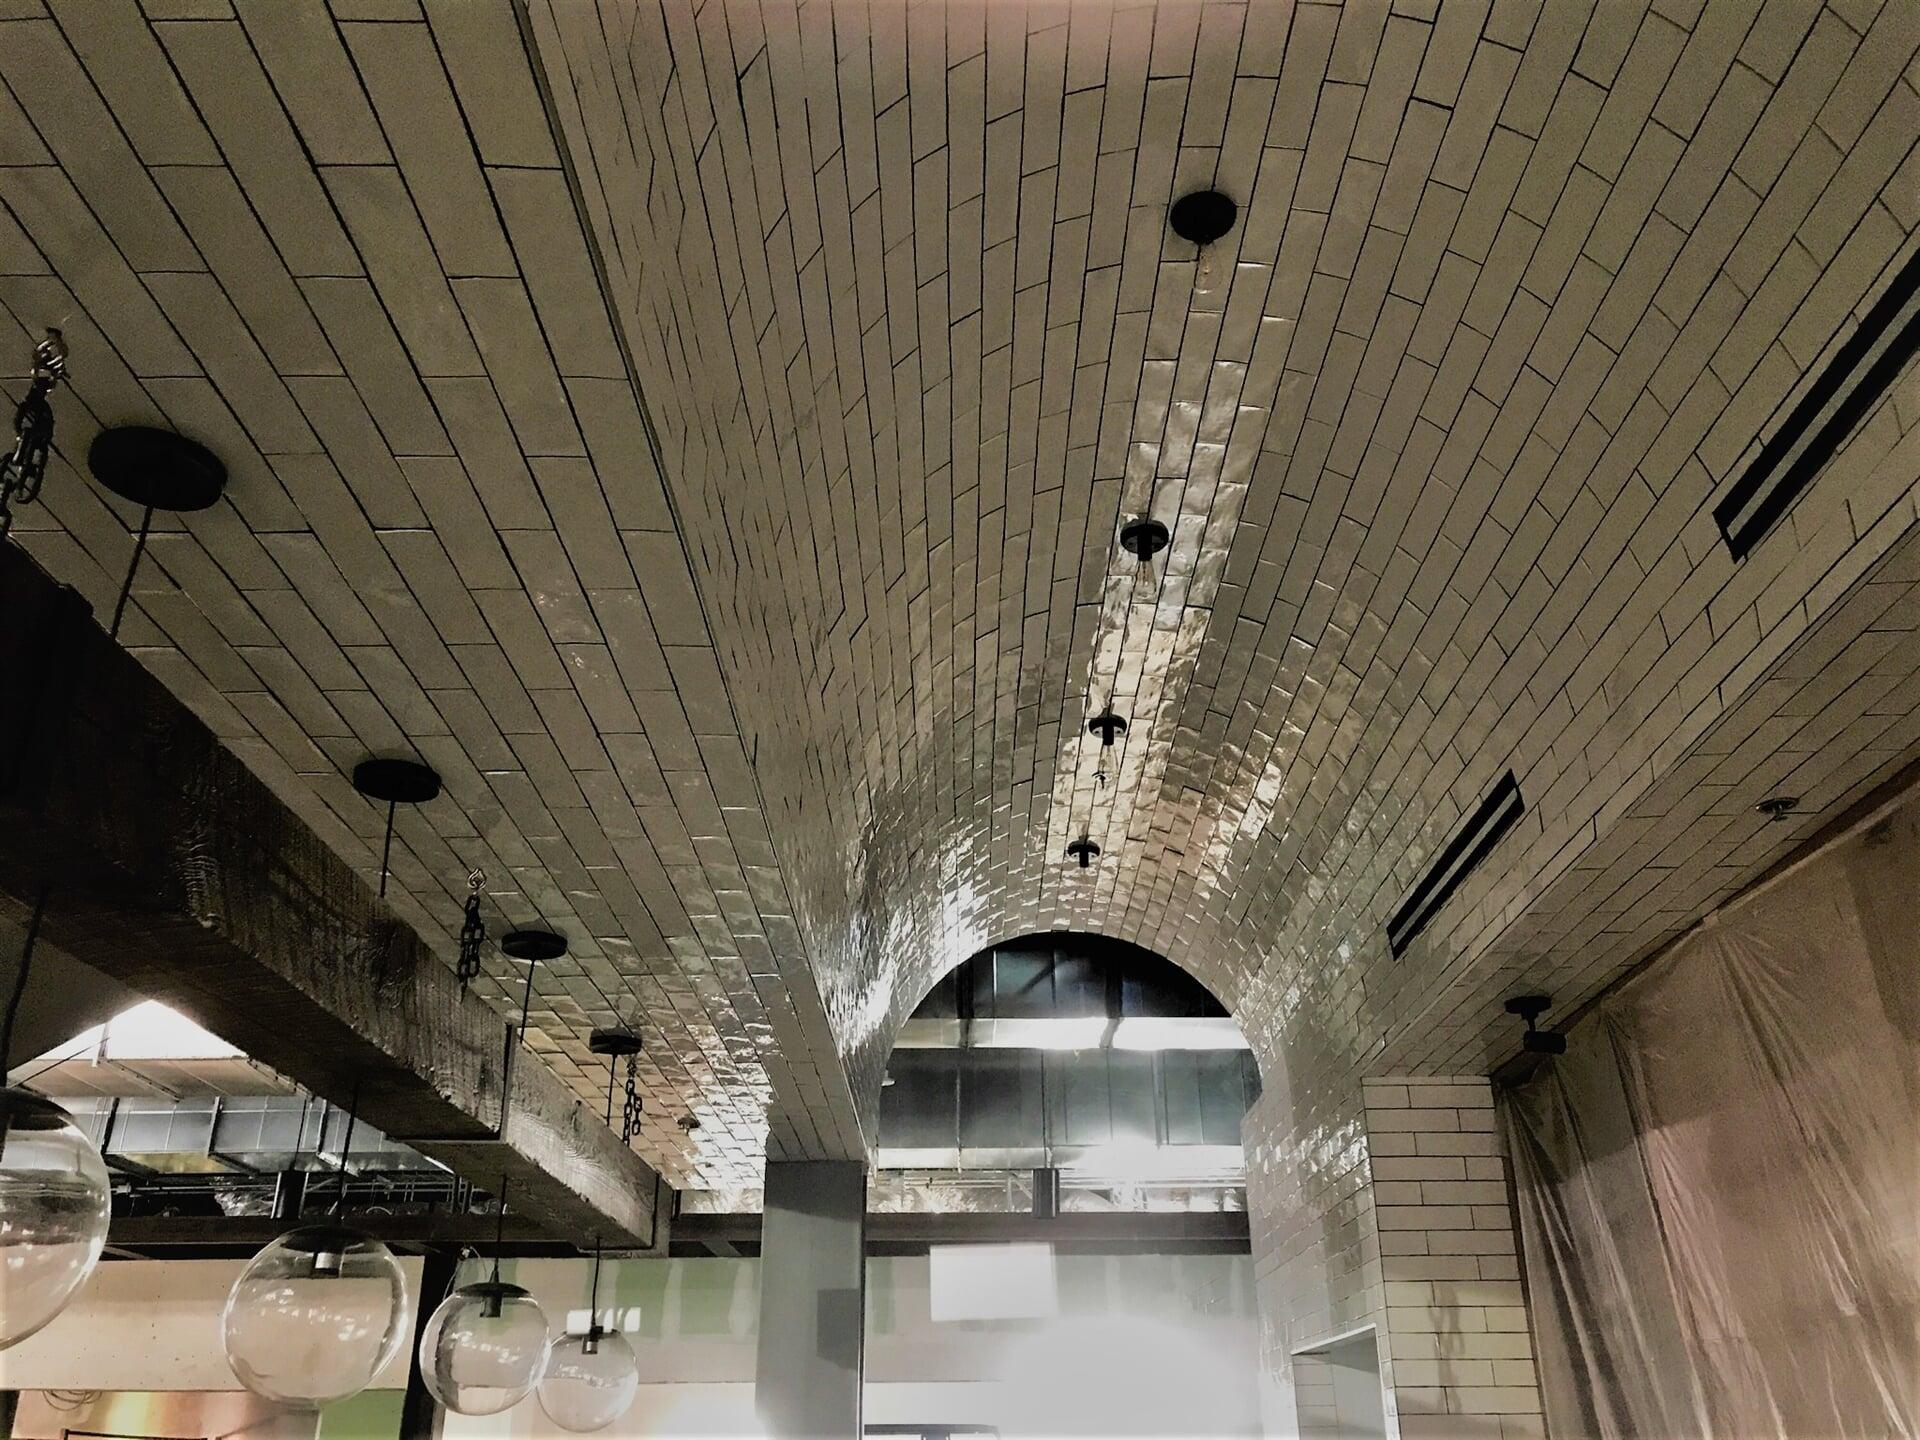 Subway tile ceiling in Tyler, TX from SJ FloorSolutions LLC